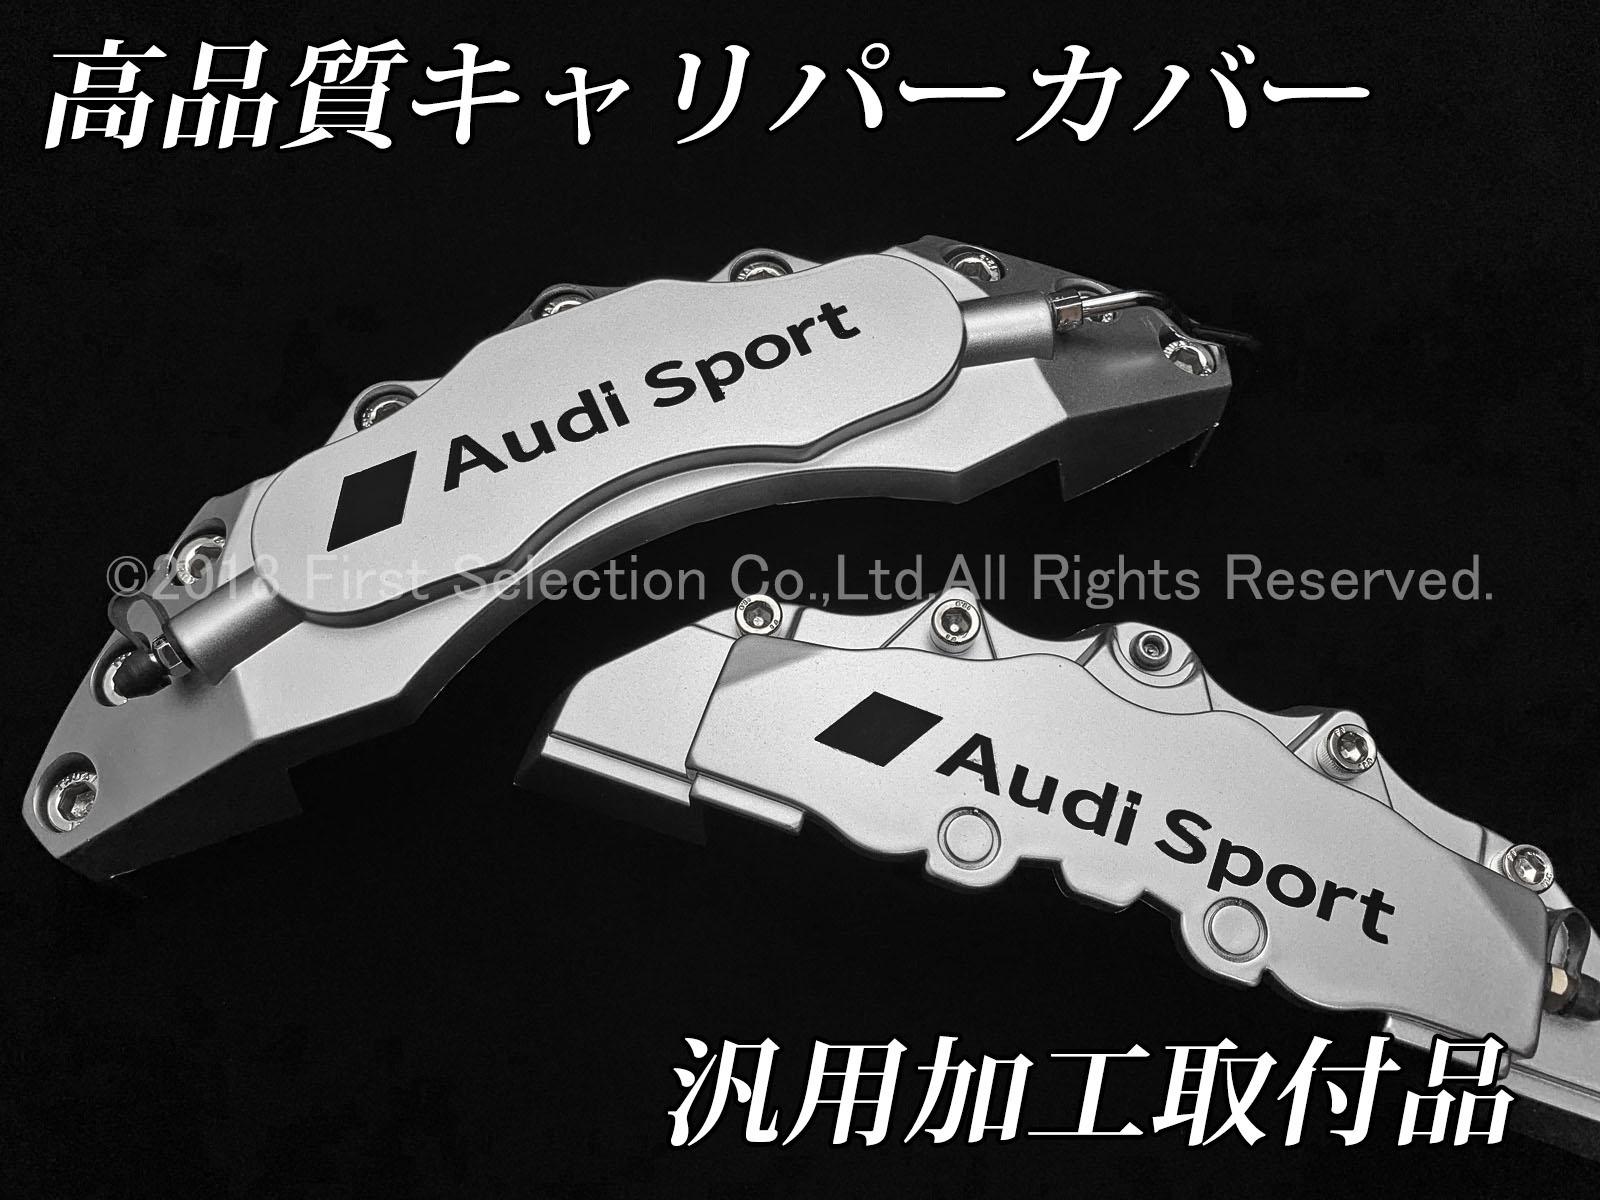 アウディ車 Audi Sportロゴ黒文字 汎用高品質キャリパーカバーL/Mサイズセット 銀 シルバー